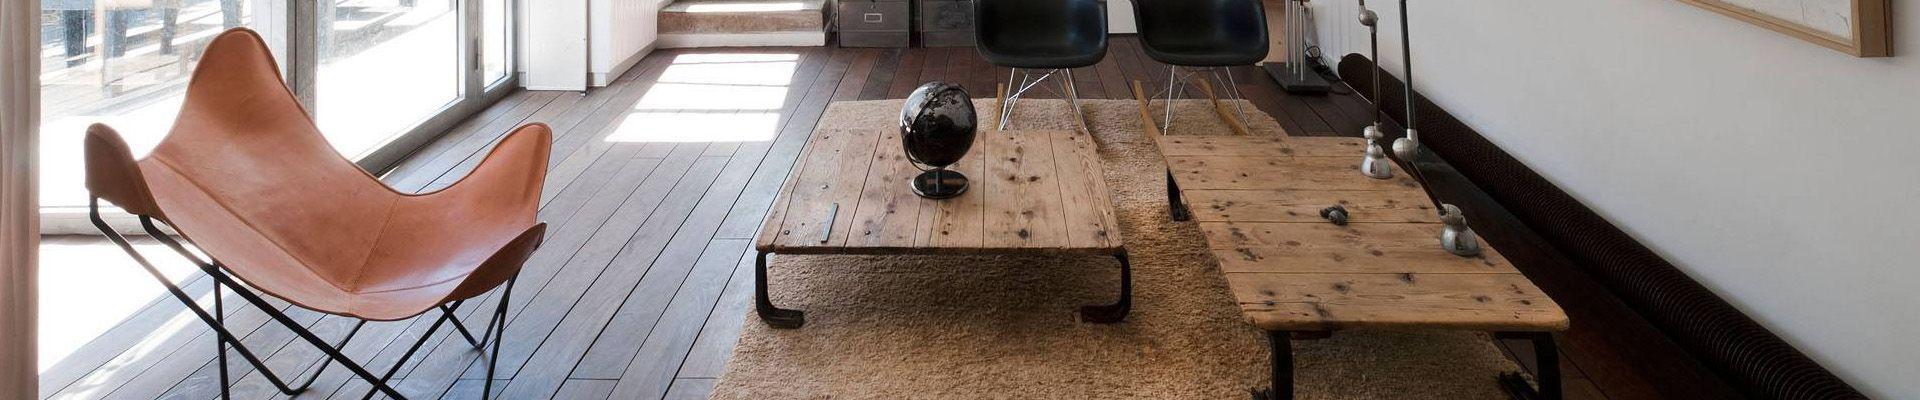 OX Denmarq fauteuils